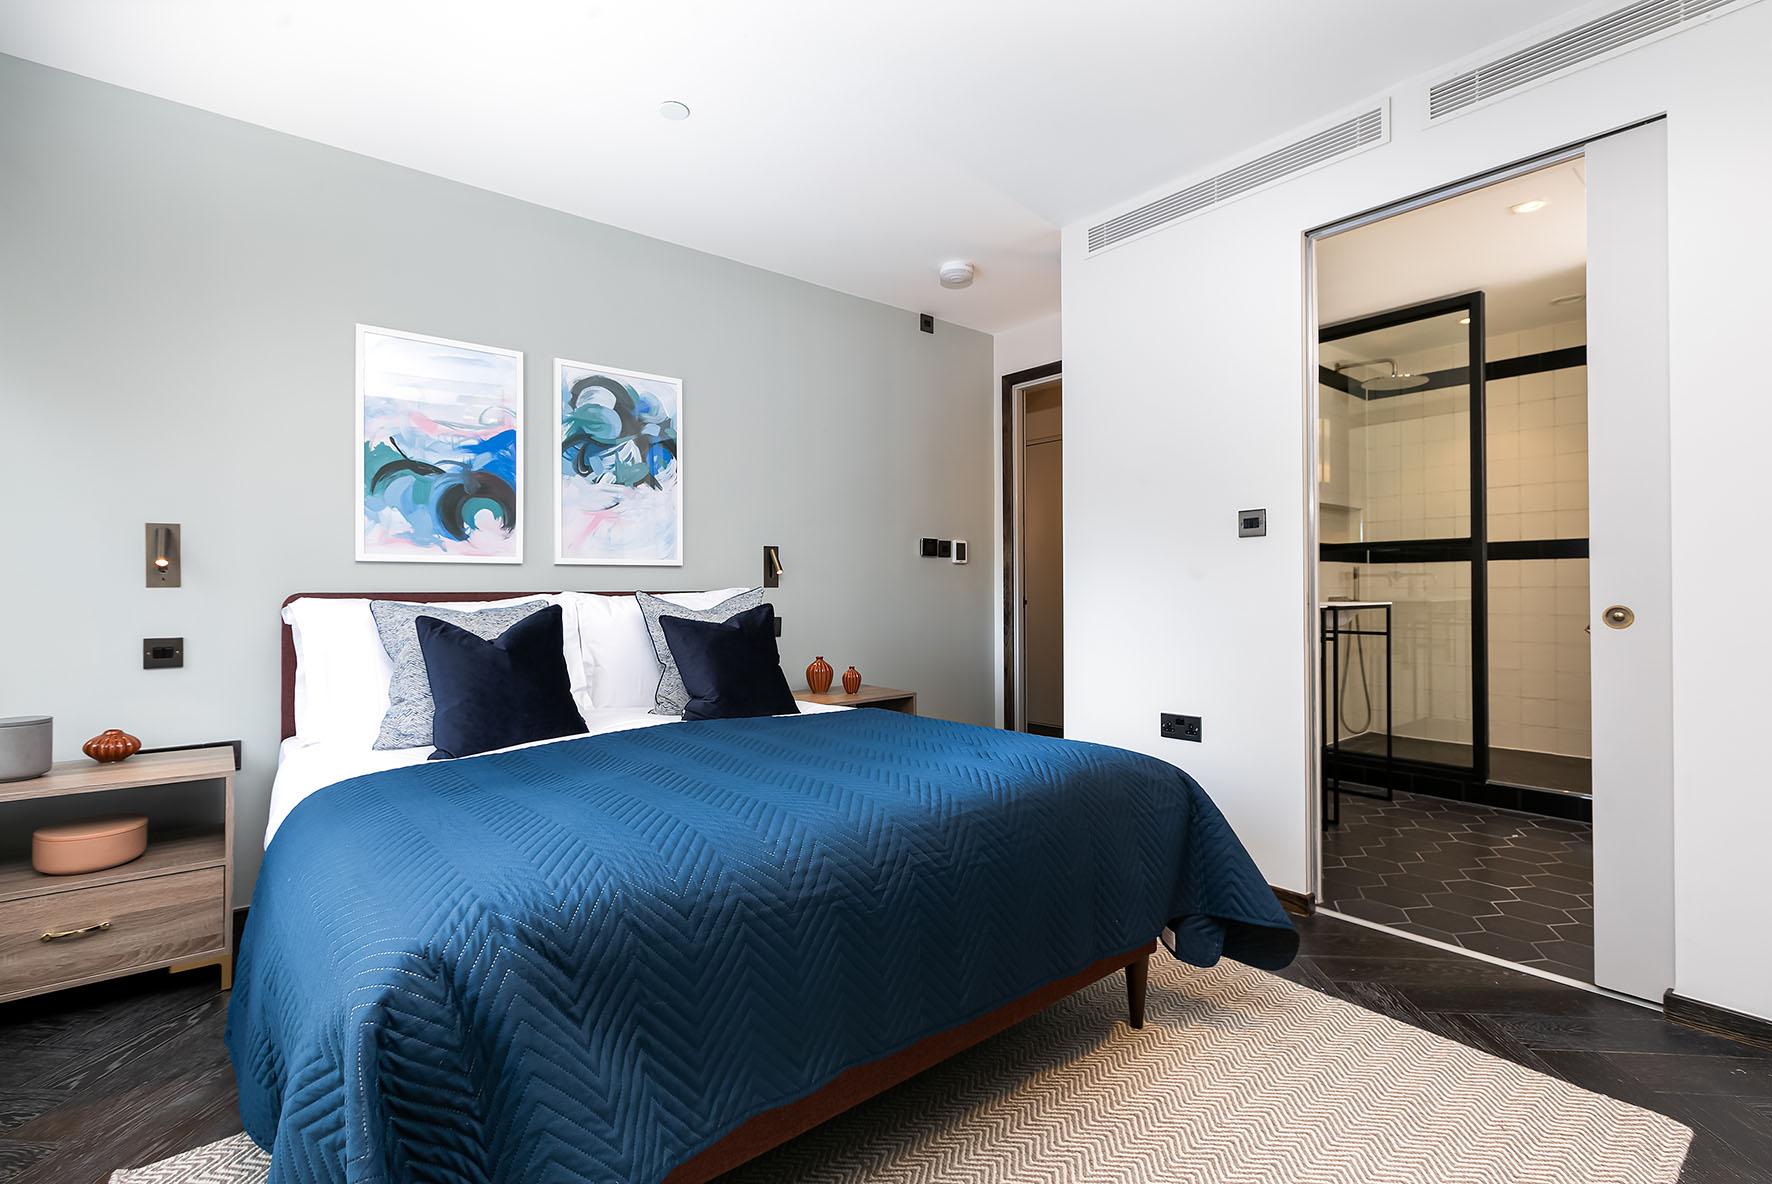 Lovelydays luxury service apartment rental - London - Soho - Noel Street VI - Lovelysuite - 2 bedrooms - 2 bathrooms - Queen bed - fabe7835626f - Lovelydays